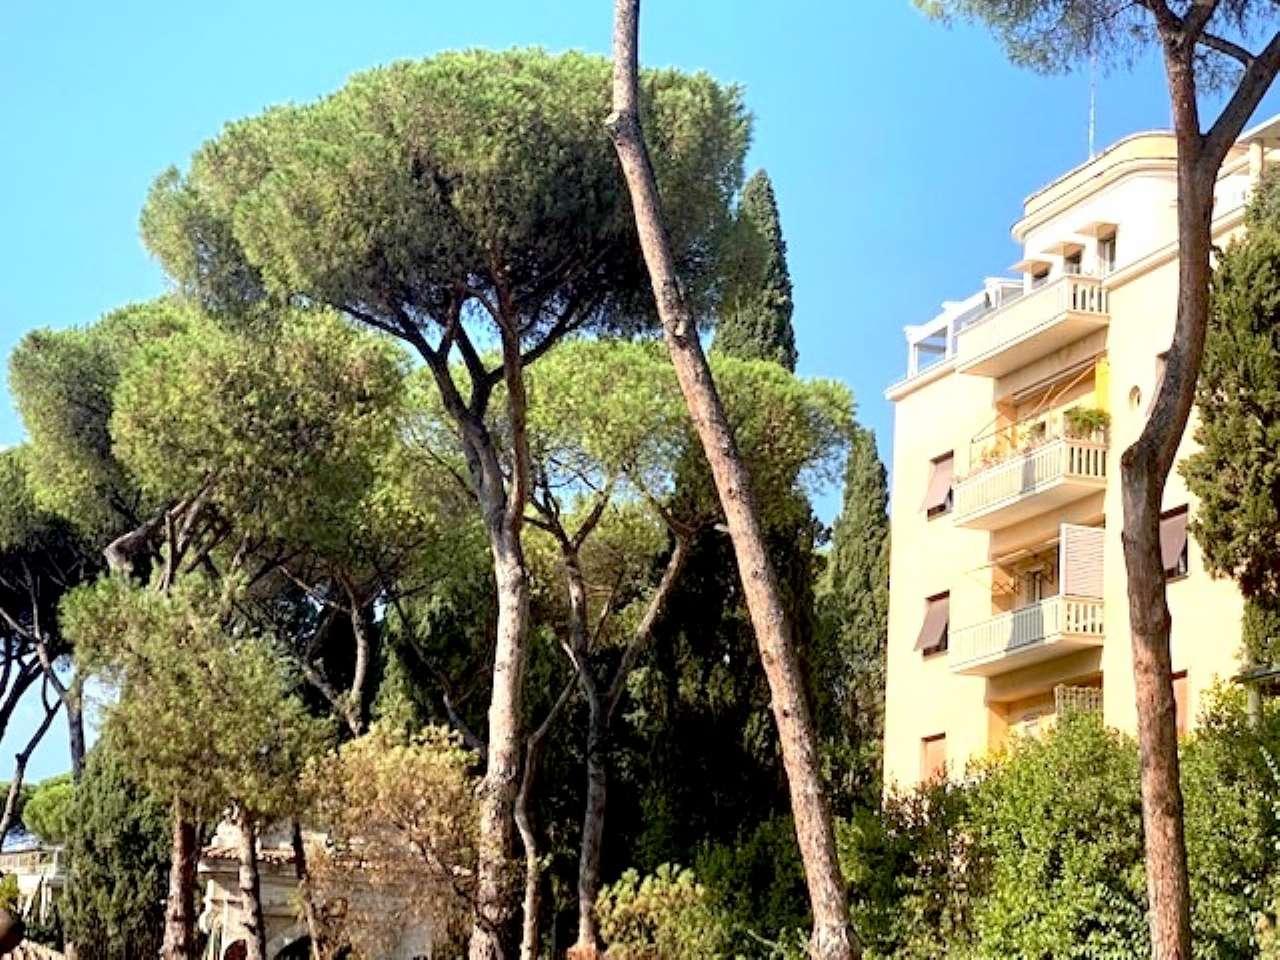 Appartamento in vendita a Roma, 10 locali, zona Zona: 2 . Flaminio, Parioli, Pinciano, Villa Borghese, prezzo € 1.300.000 | CambioCasa.it